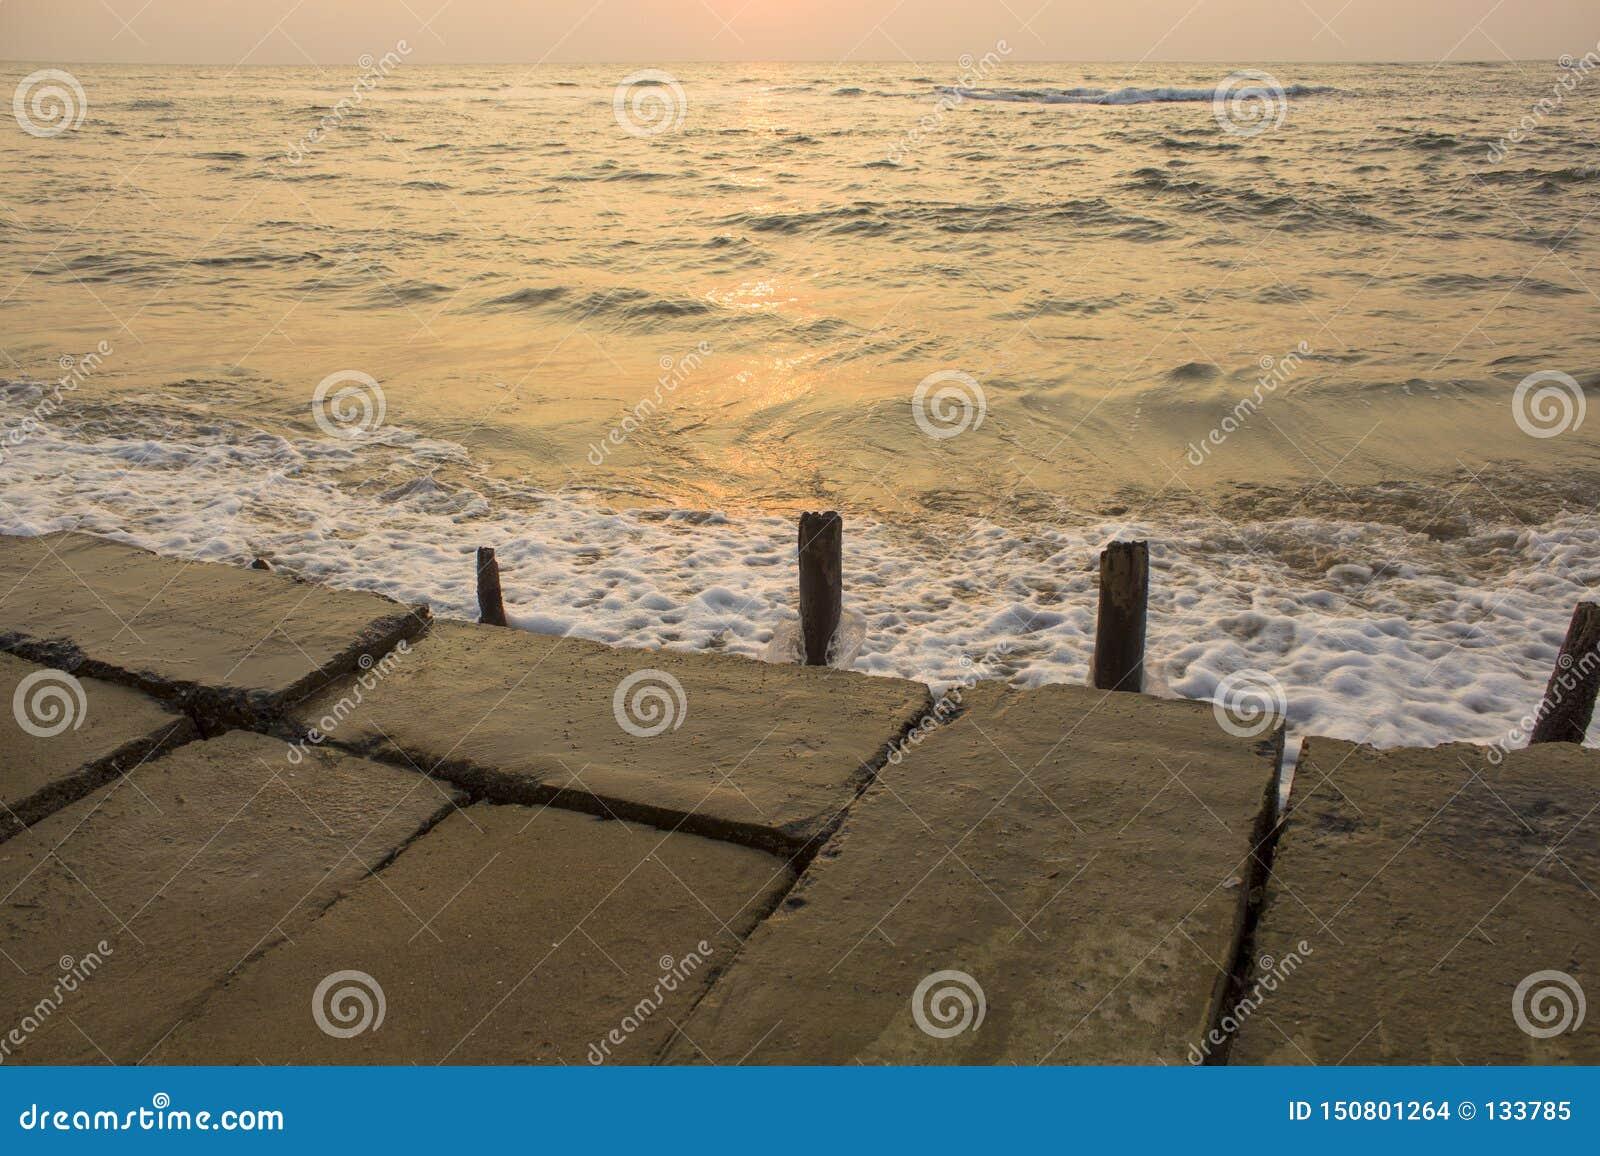 Terraplenagem concreta velha com colagem de cercas de madeira destruídas contra o contexto de ondas do mar durante o por do sol